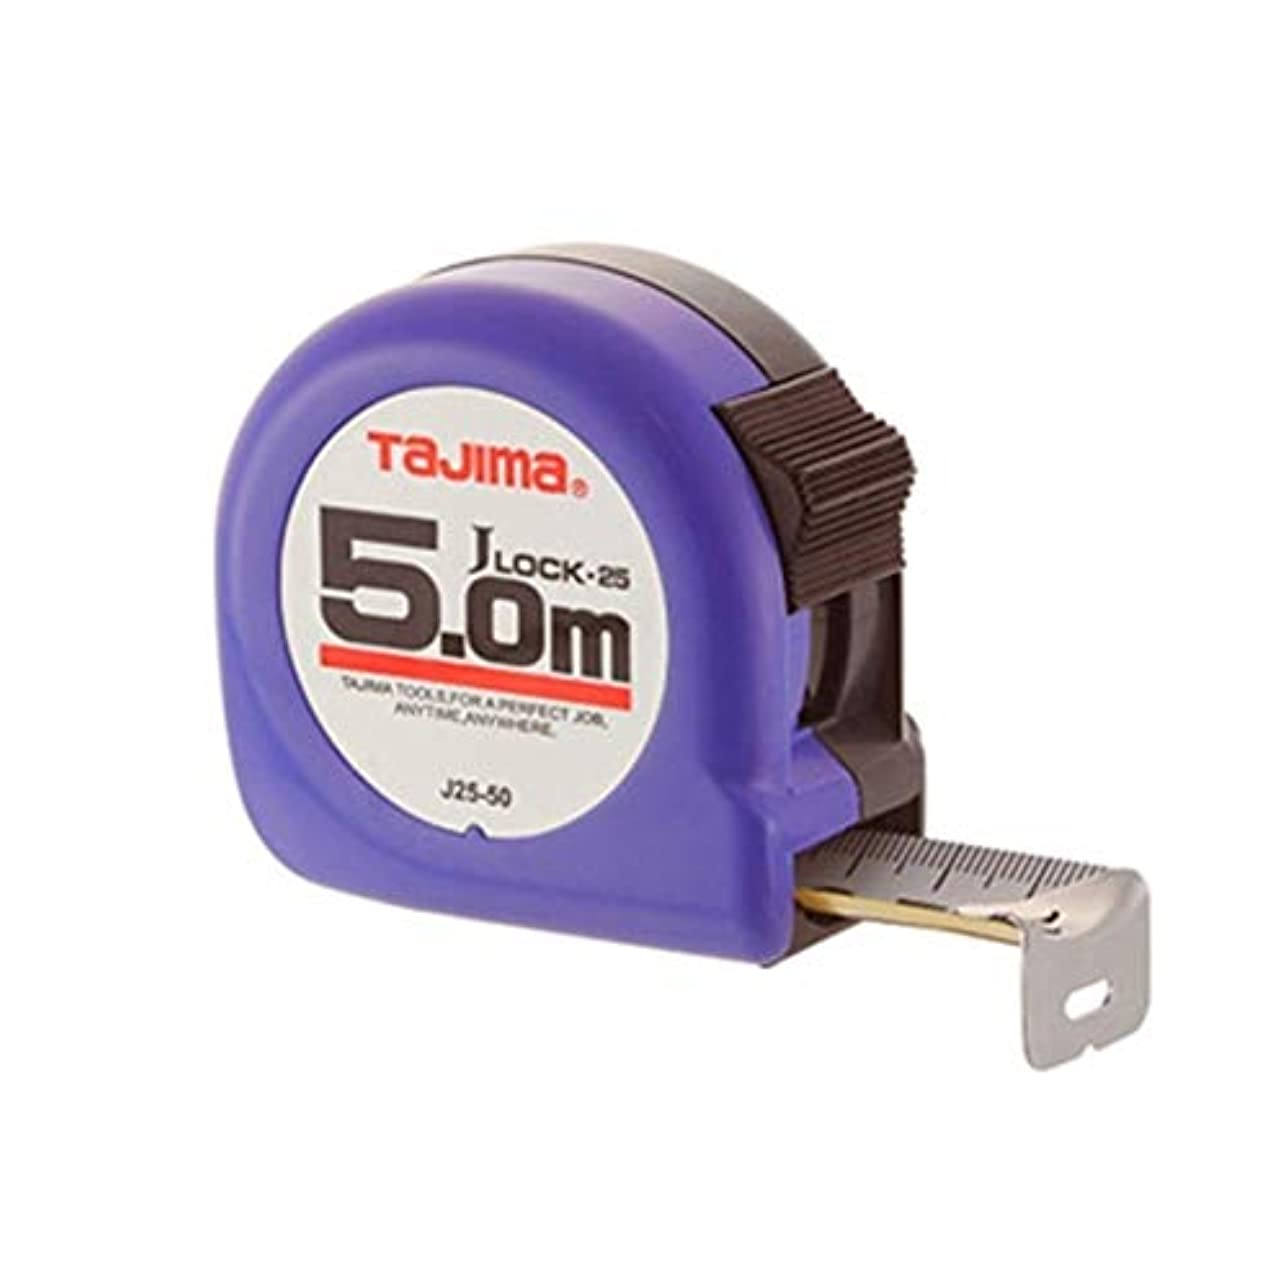 出力騒ぎ軌道KYK スチール製テープ幅25 Mm、長さ5 M (Color : Purple, Size : 5m)